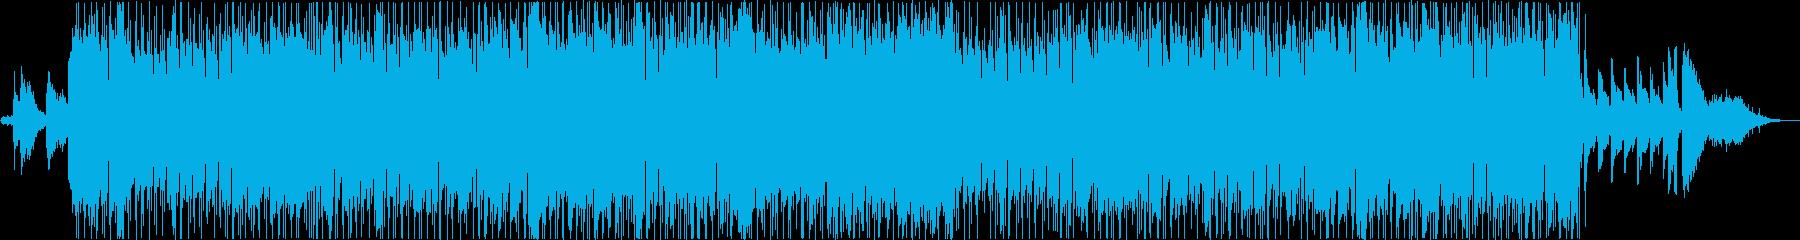 アンニュイな雰囲気のフレンチボサの再生済みの波形